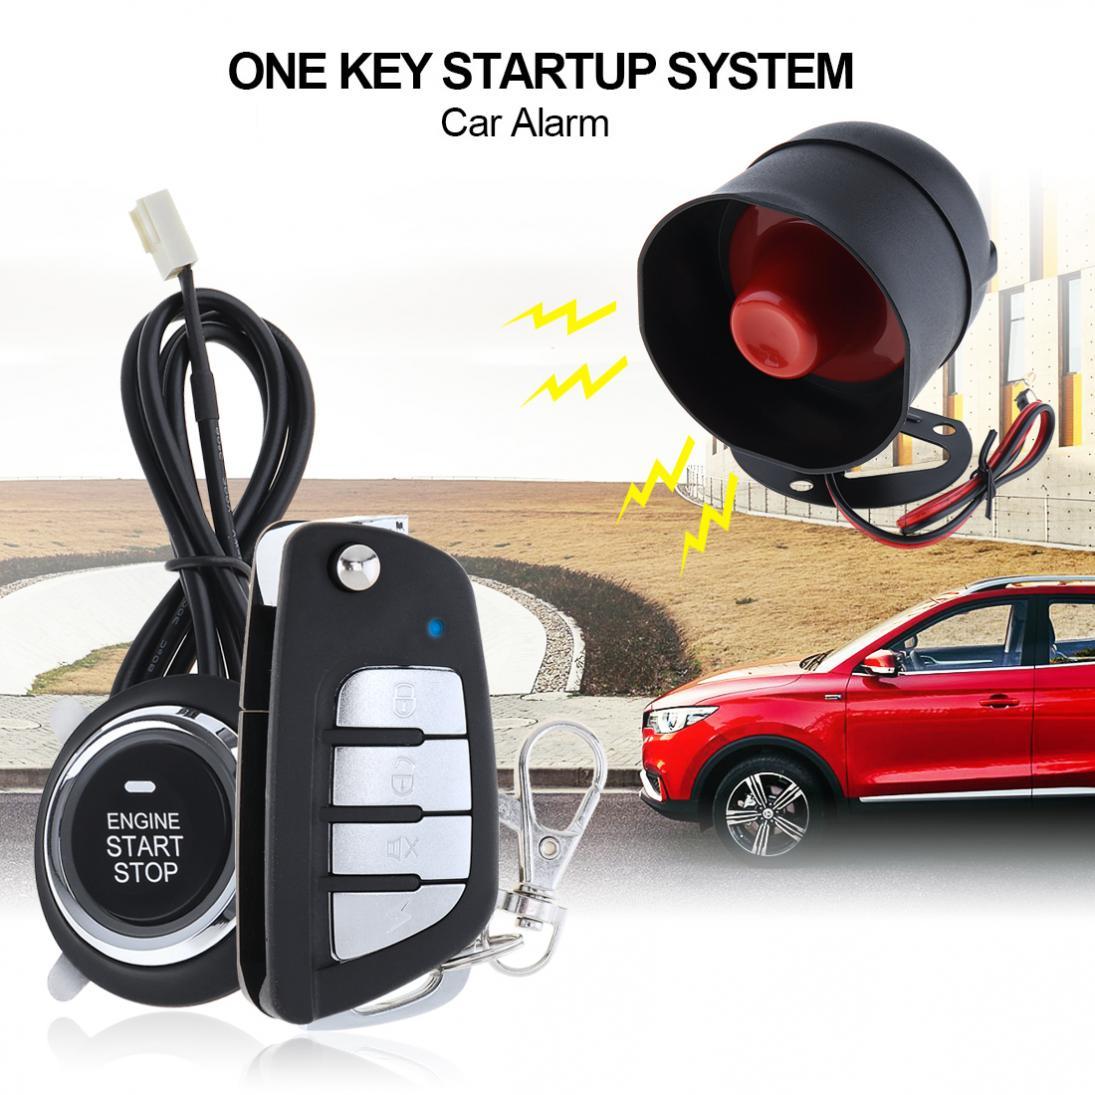 Système d'alarme universel pour voitures système d'arrêt à distance avec verrouillage Central automatique et entrée sans clé 5A avec clé